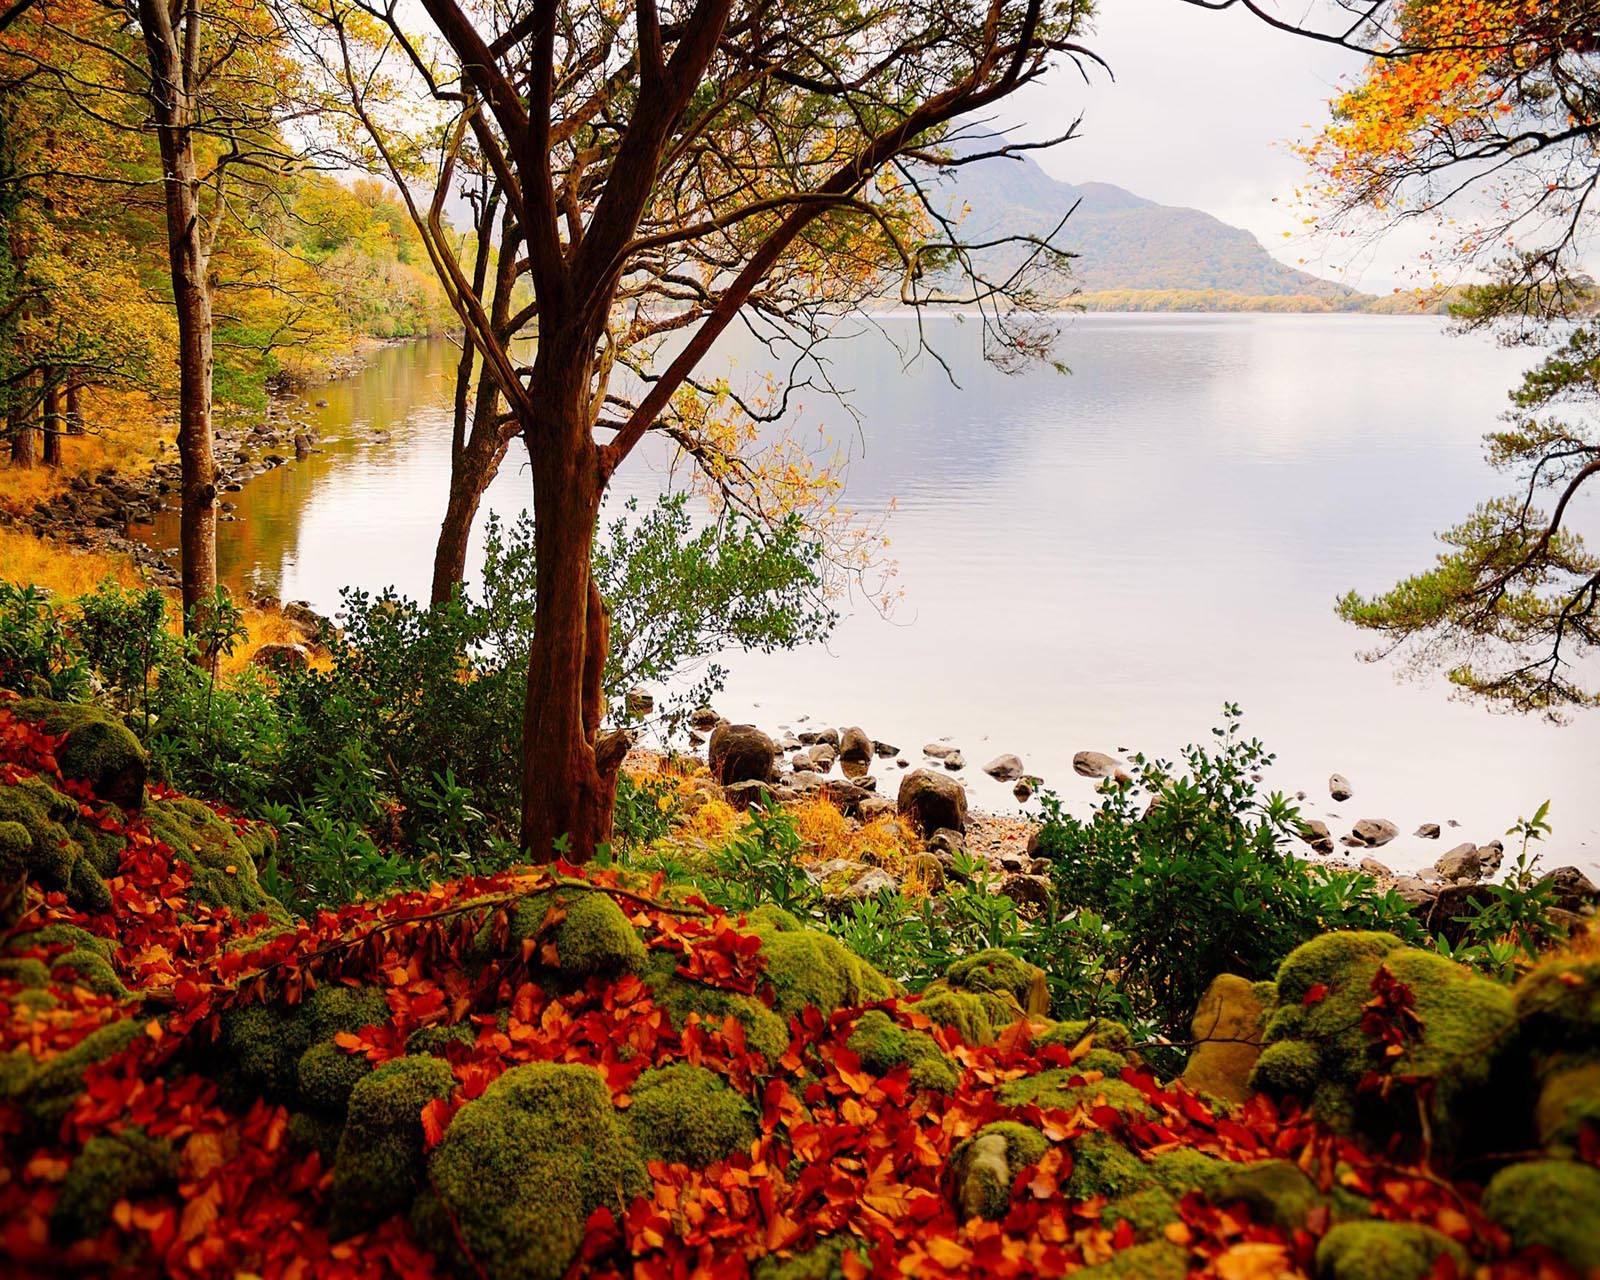 Autumn Lake trees